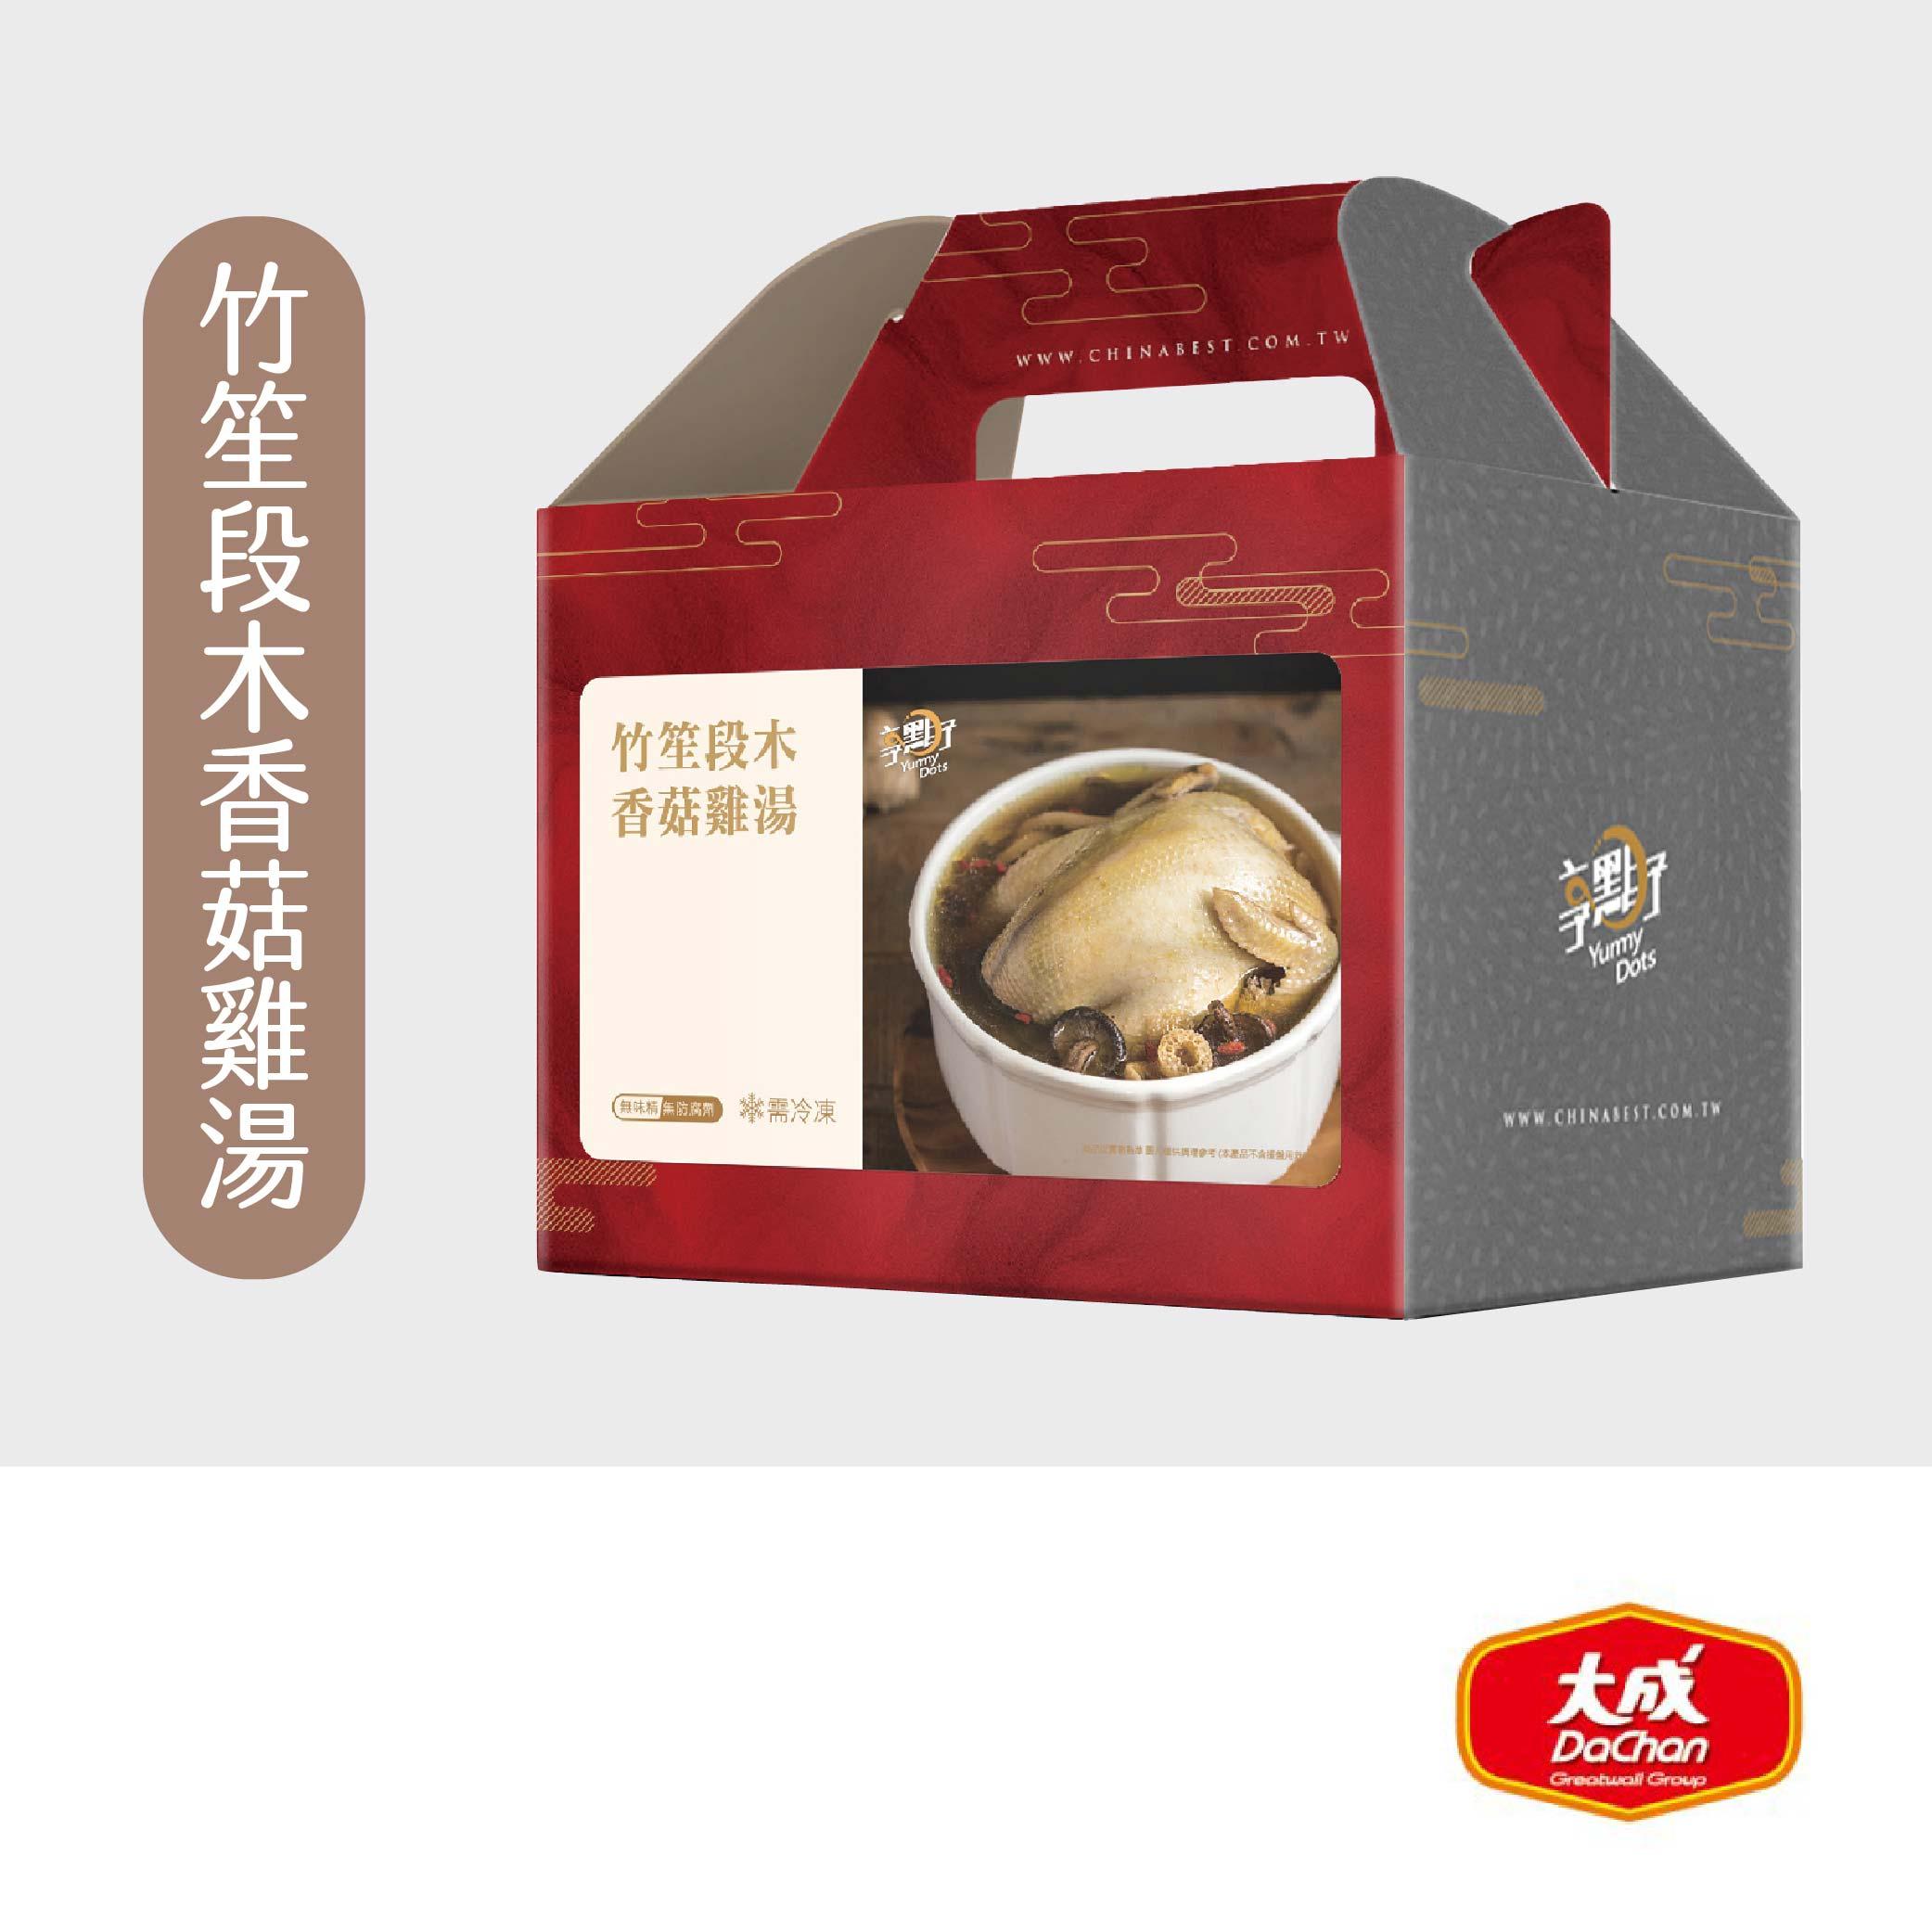 【大成x享點子】 竹笙段木香菇雞湯禮盒(2600g/盒) 免熬煮加熱即食